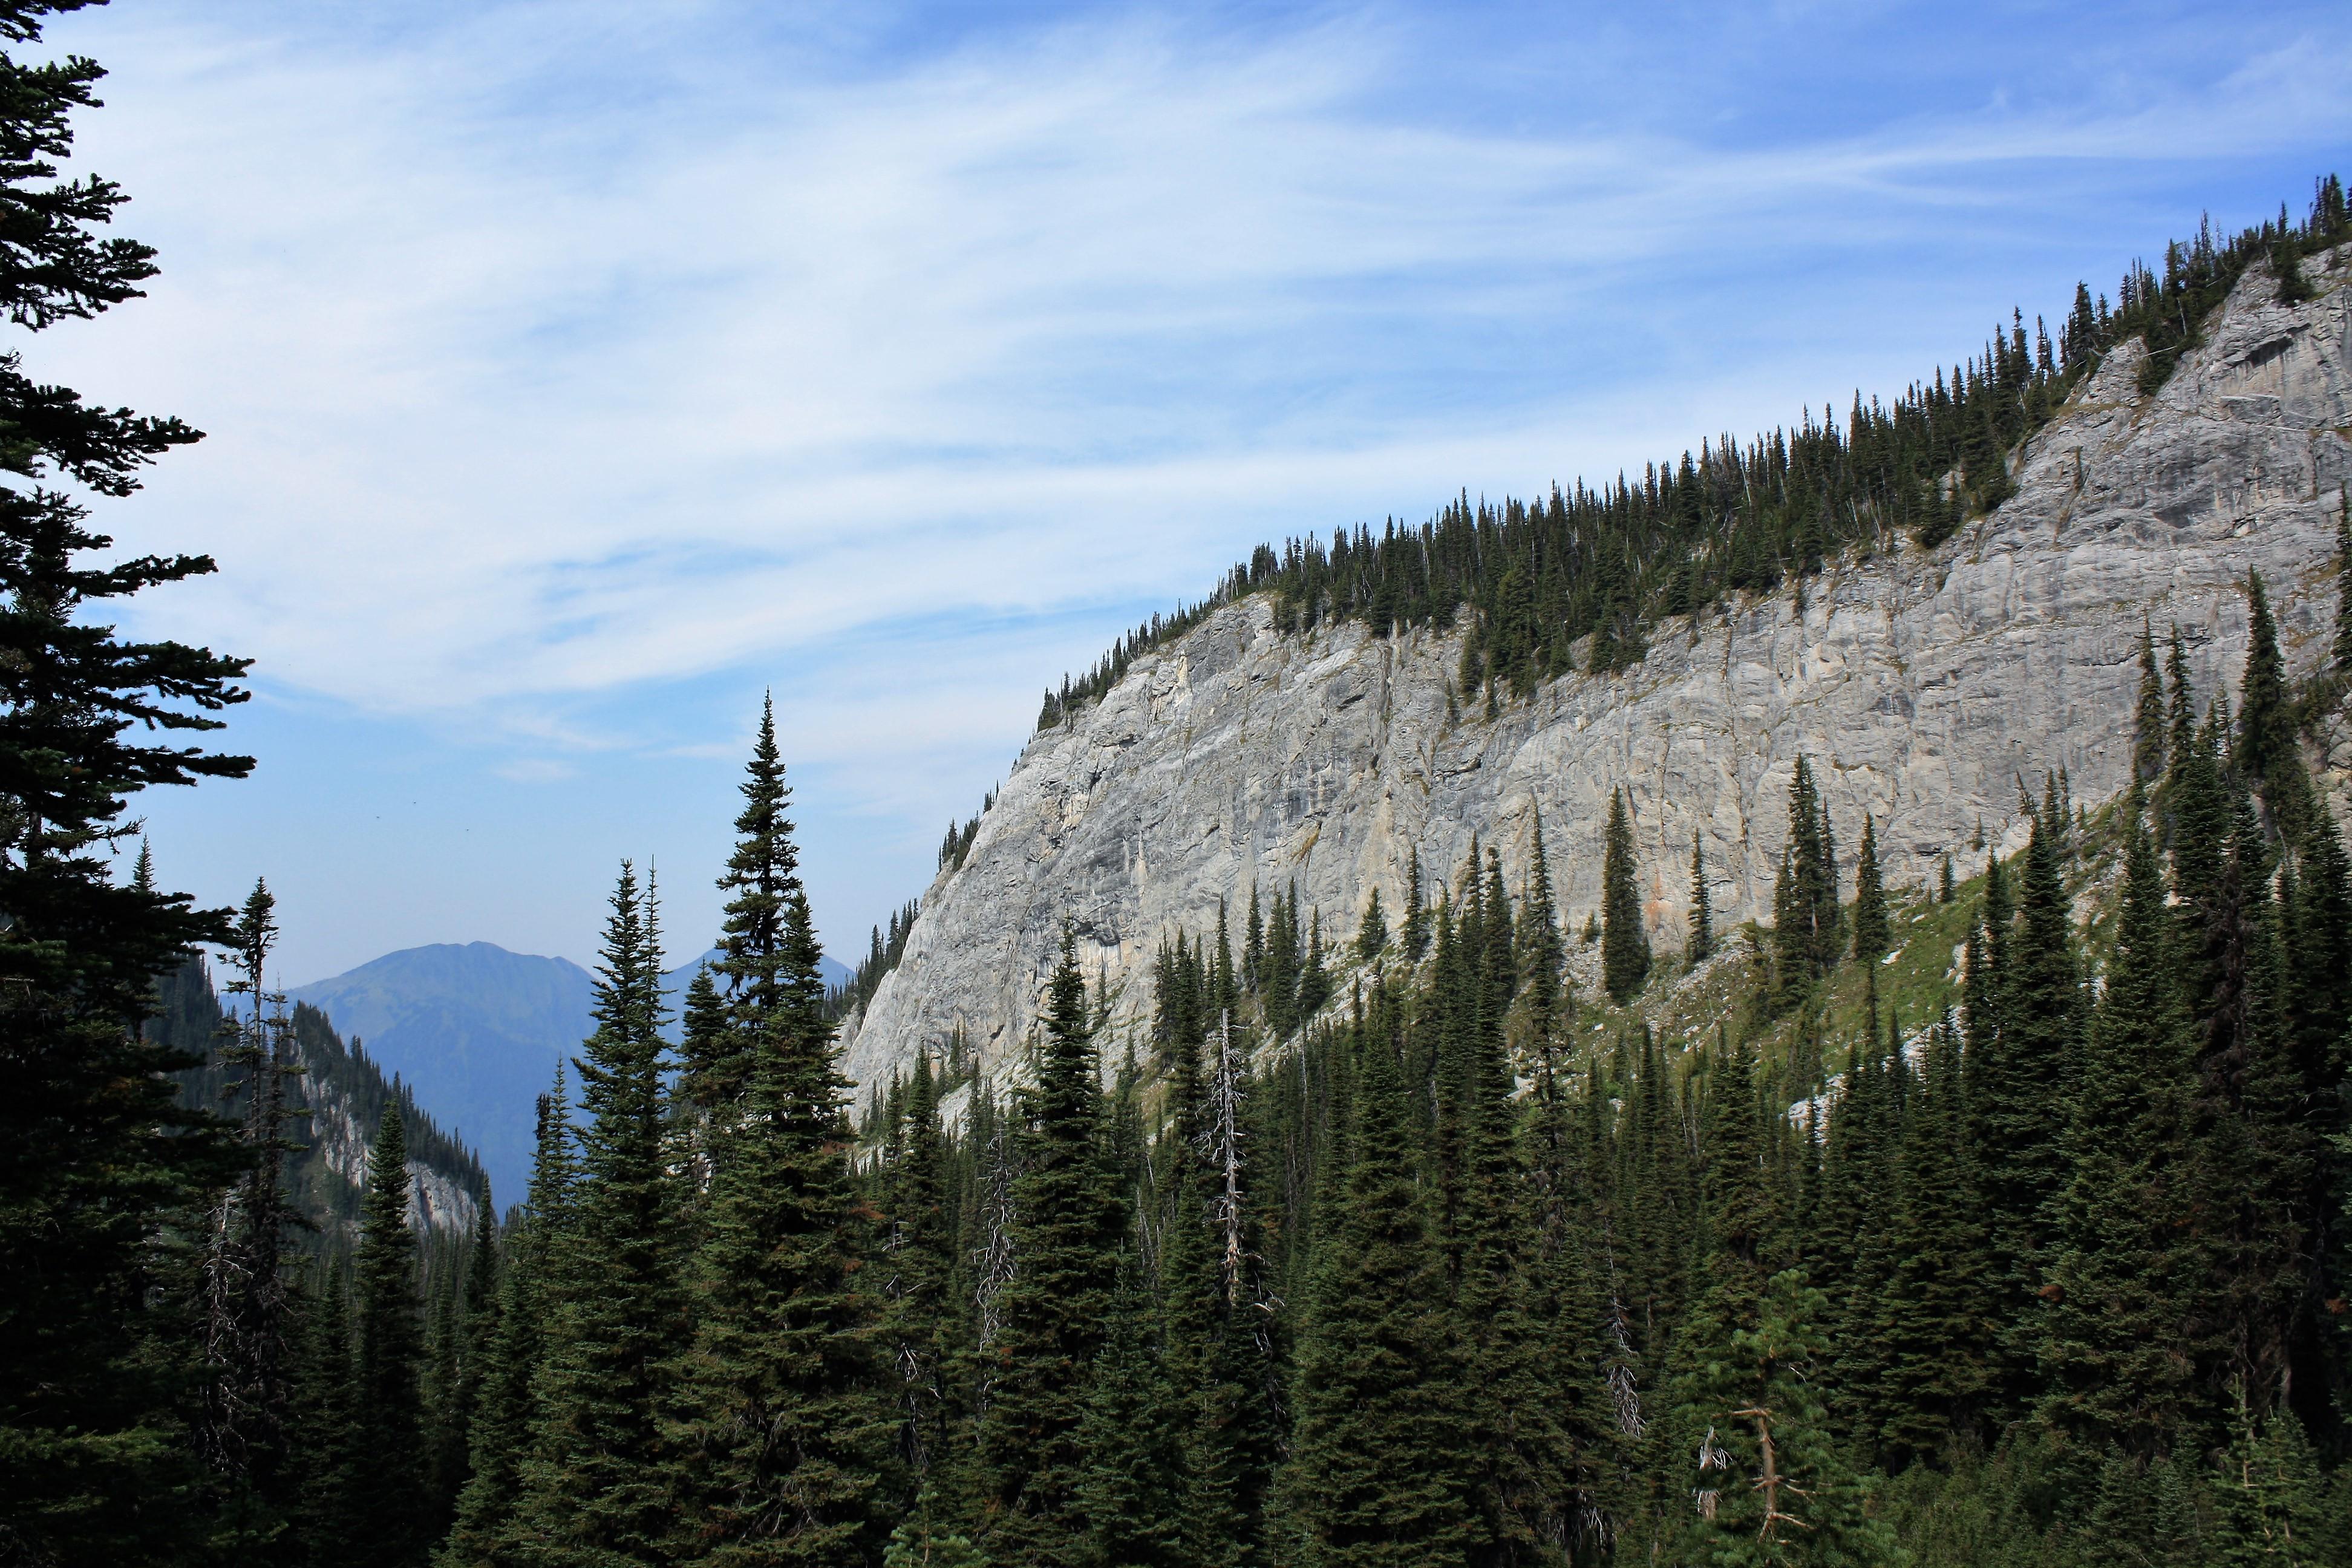 DM_nature_landscape_fangmountain_6699